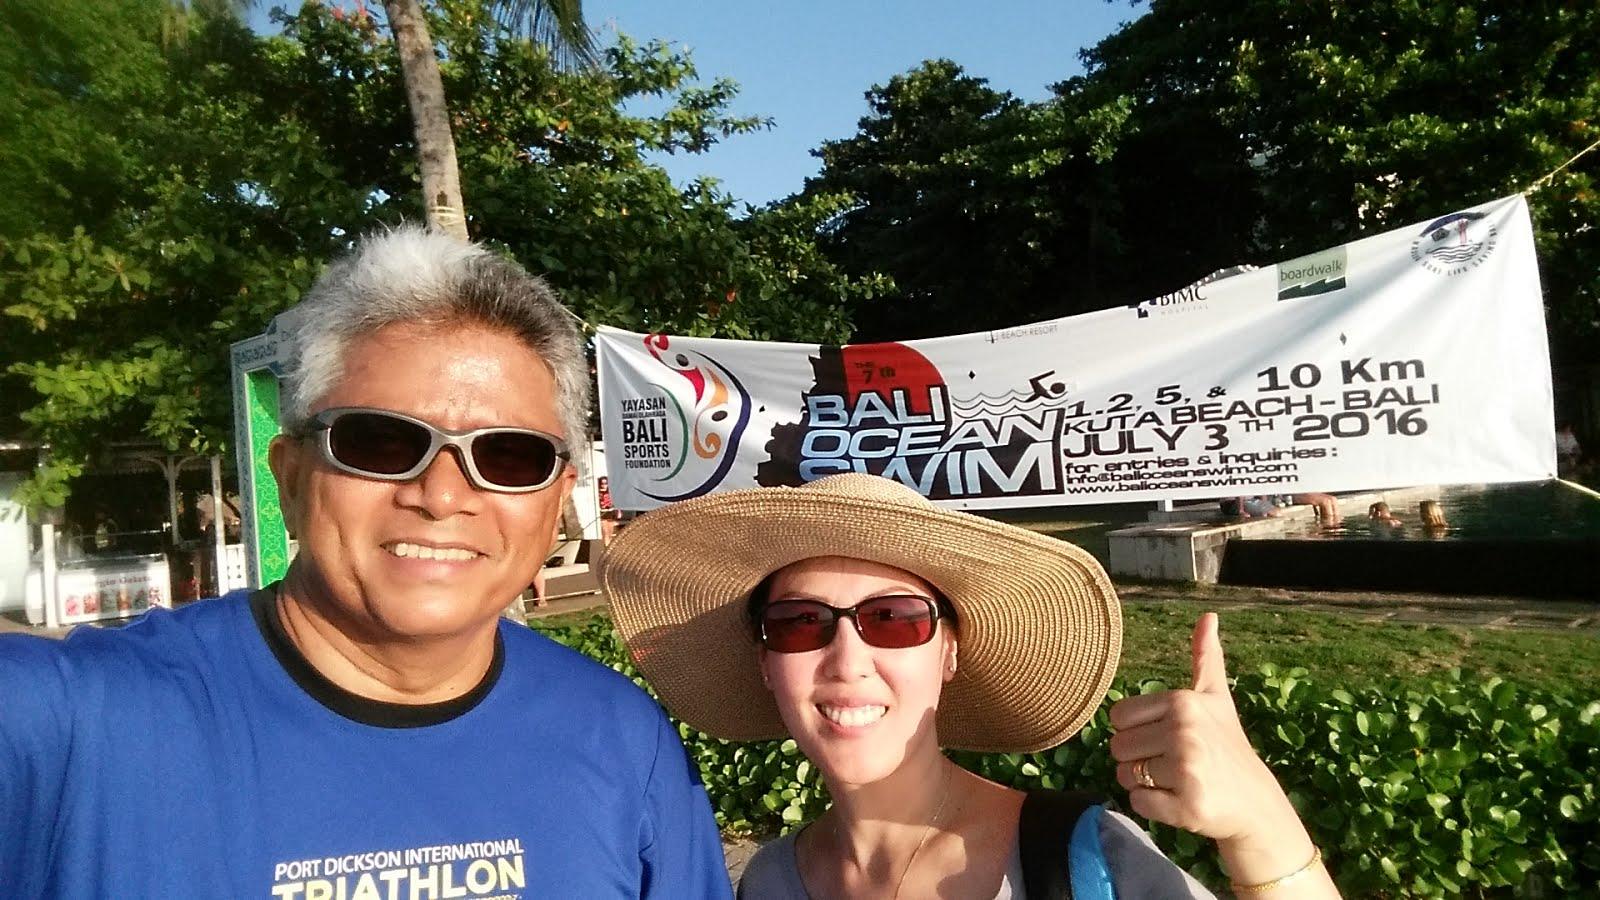 Bali 10 kmOcean Swim